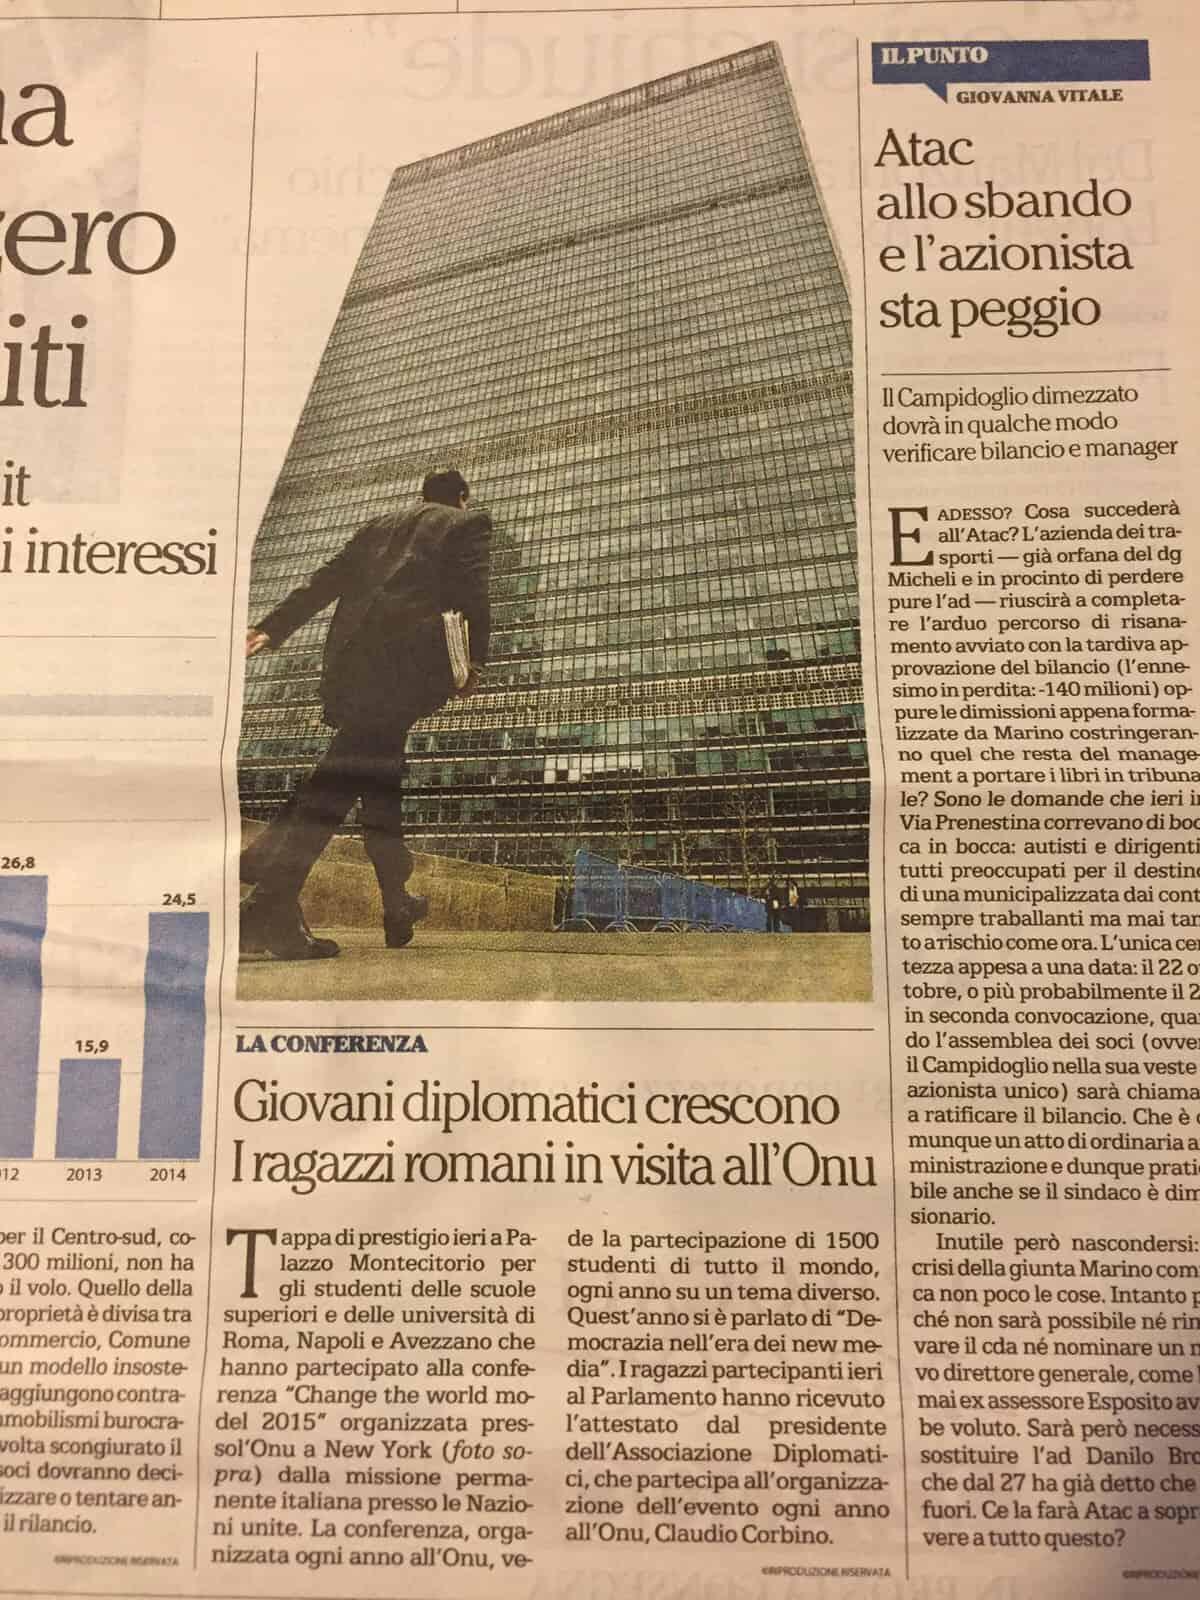 Repubblica_13_10_15